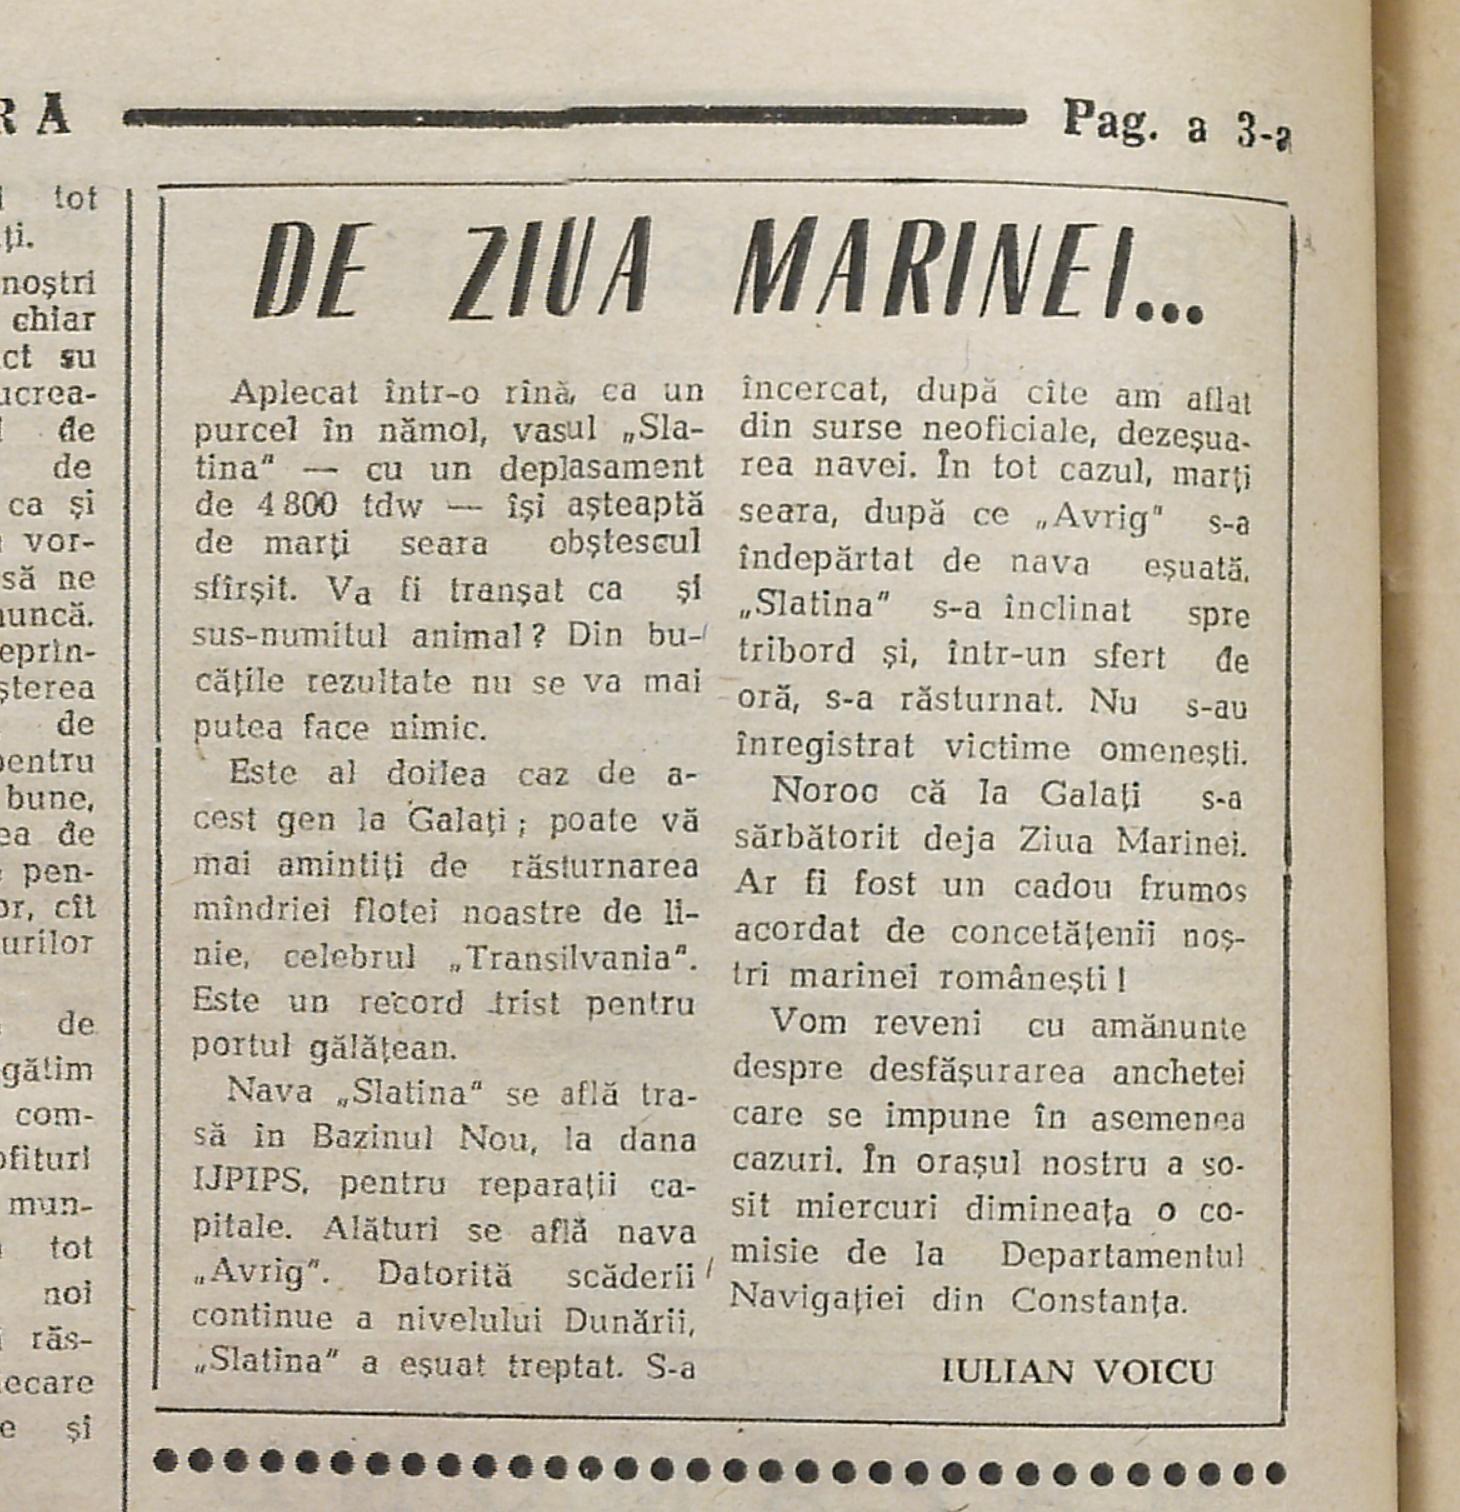 """Eşuarea cargoului """"Slatina"""" (""""Viaţa liberă"""", Galaţi, nr. 199, 16. august 1990, pag. 3)."""